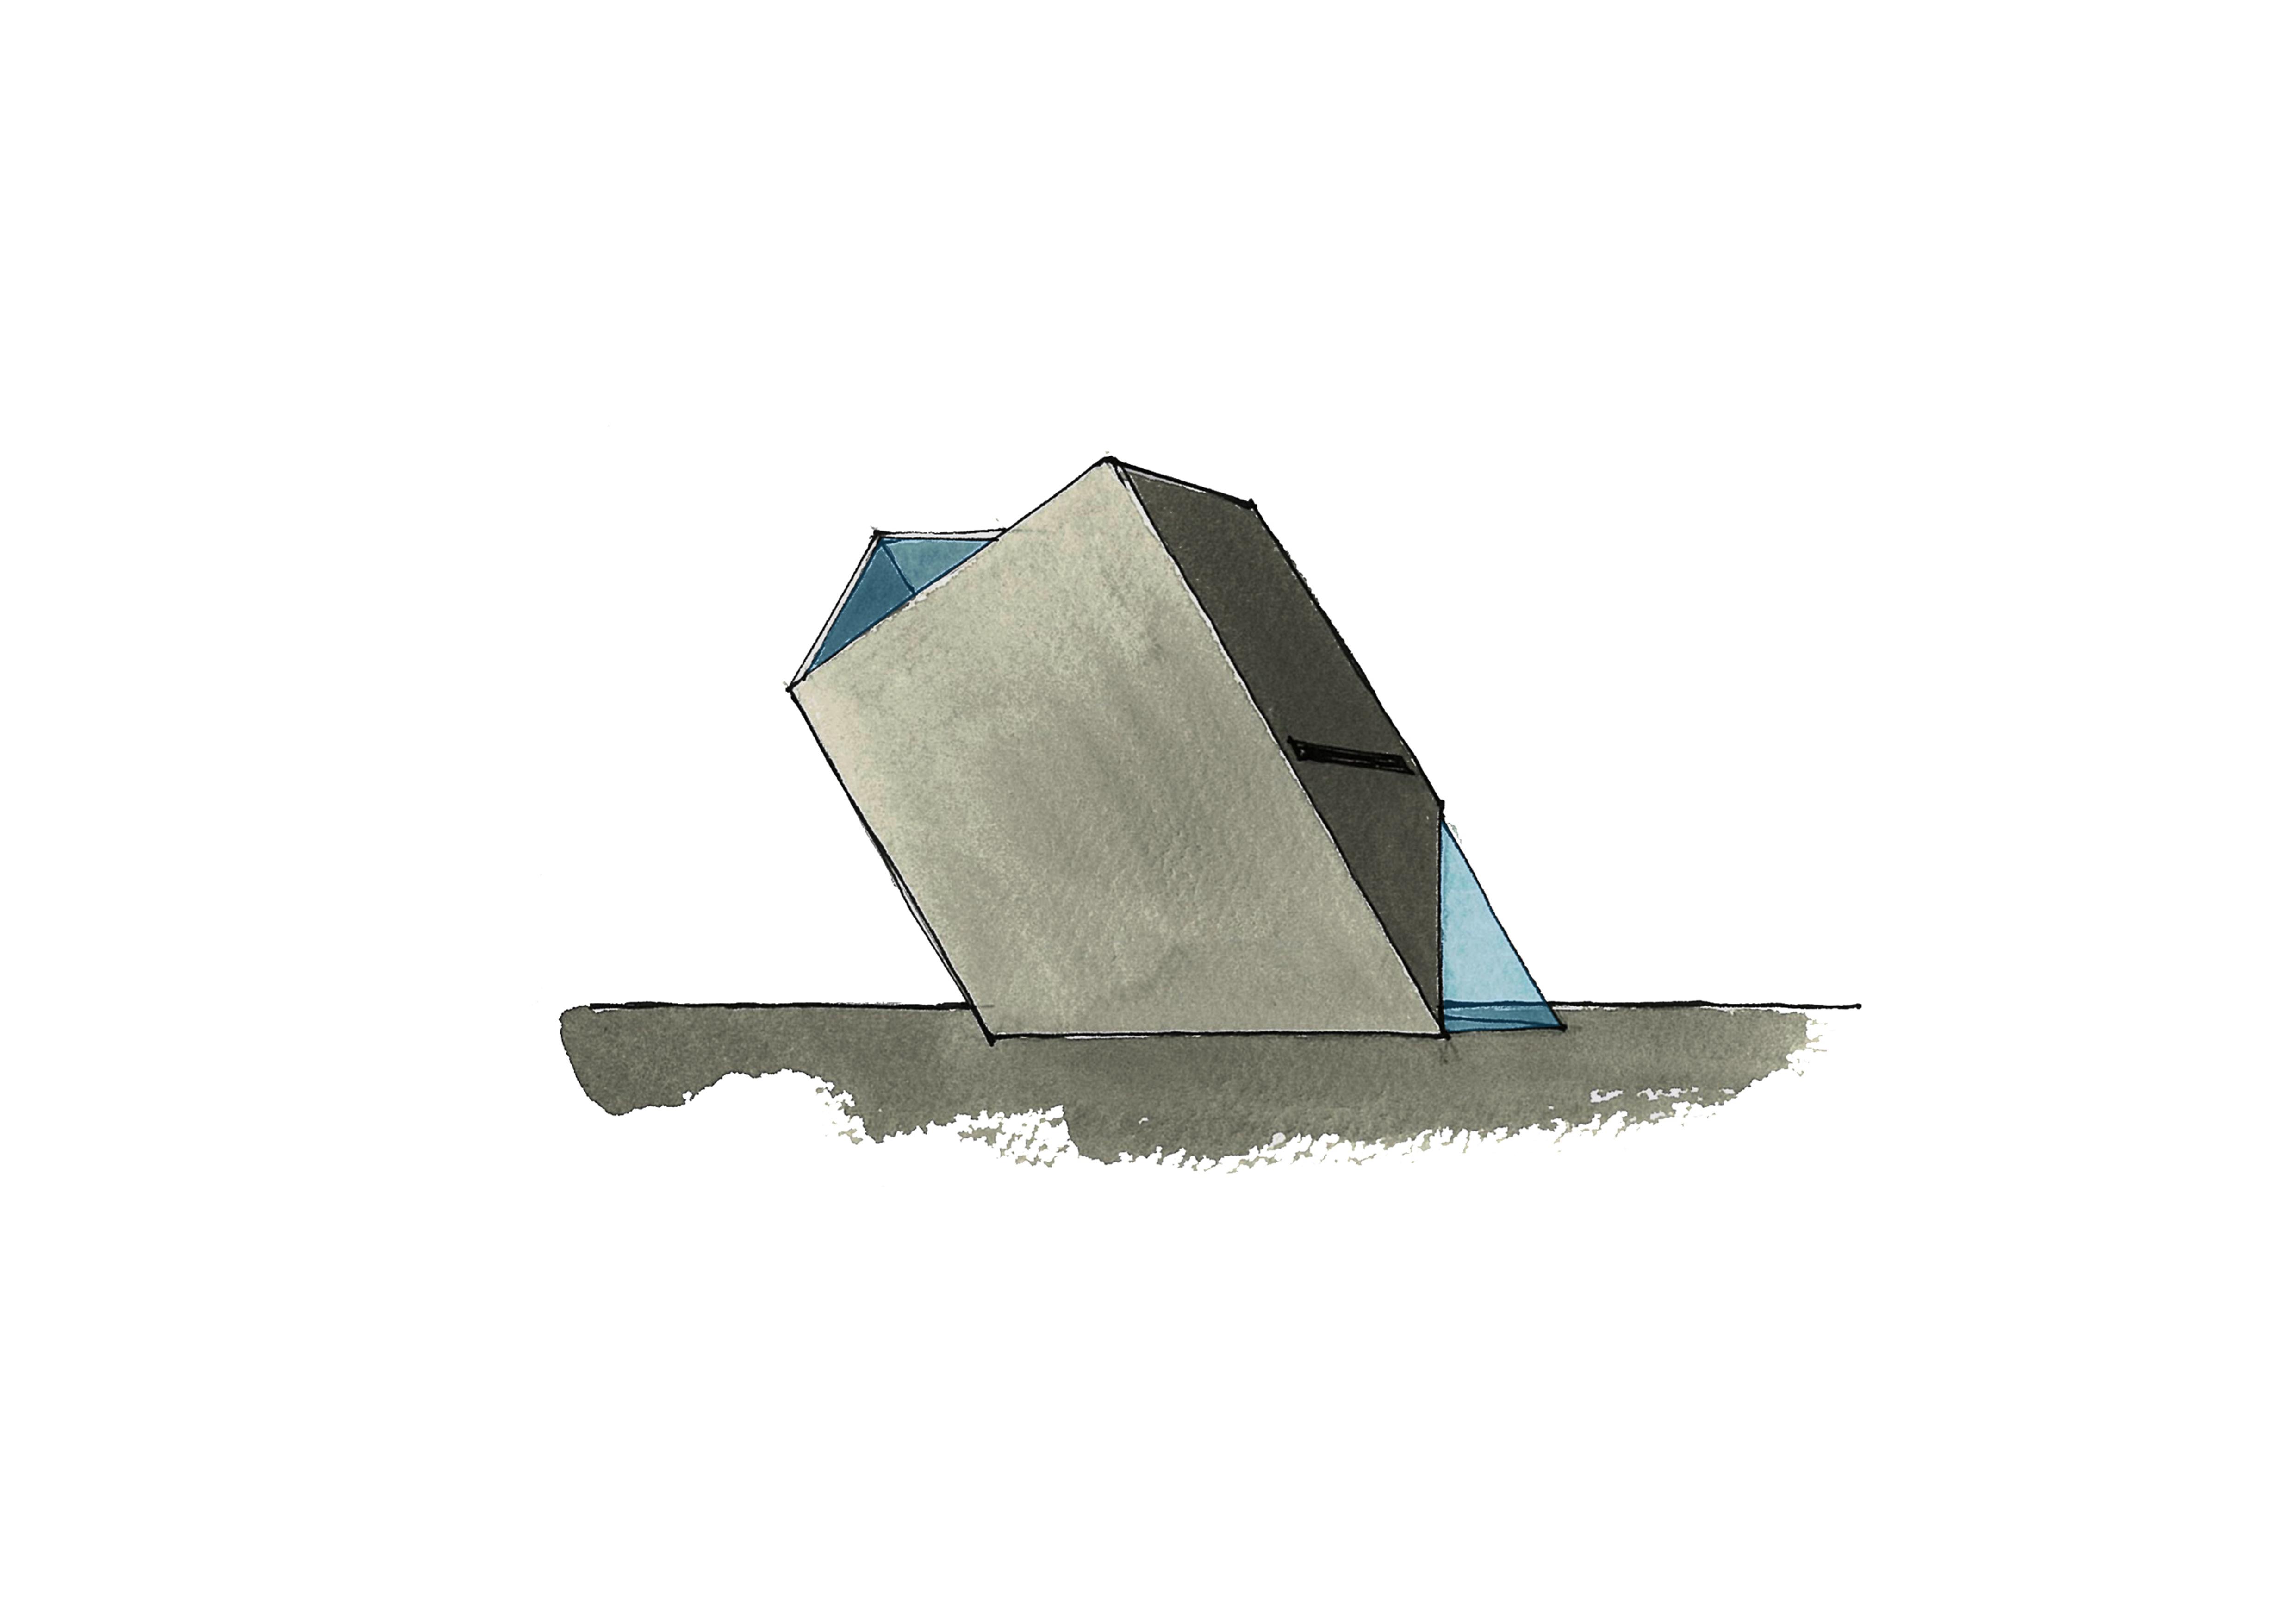 〔안정원의 디자인 칼럼〕 주변 환경과 장소성에 따라 유연하게 변형된 건축 구조 1